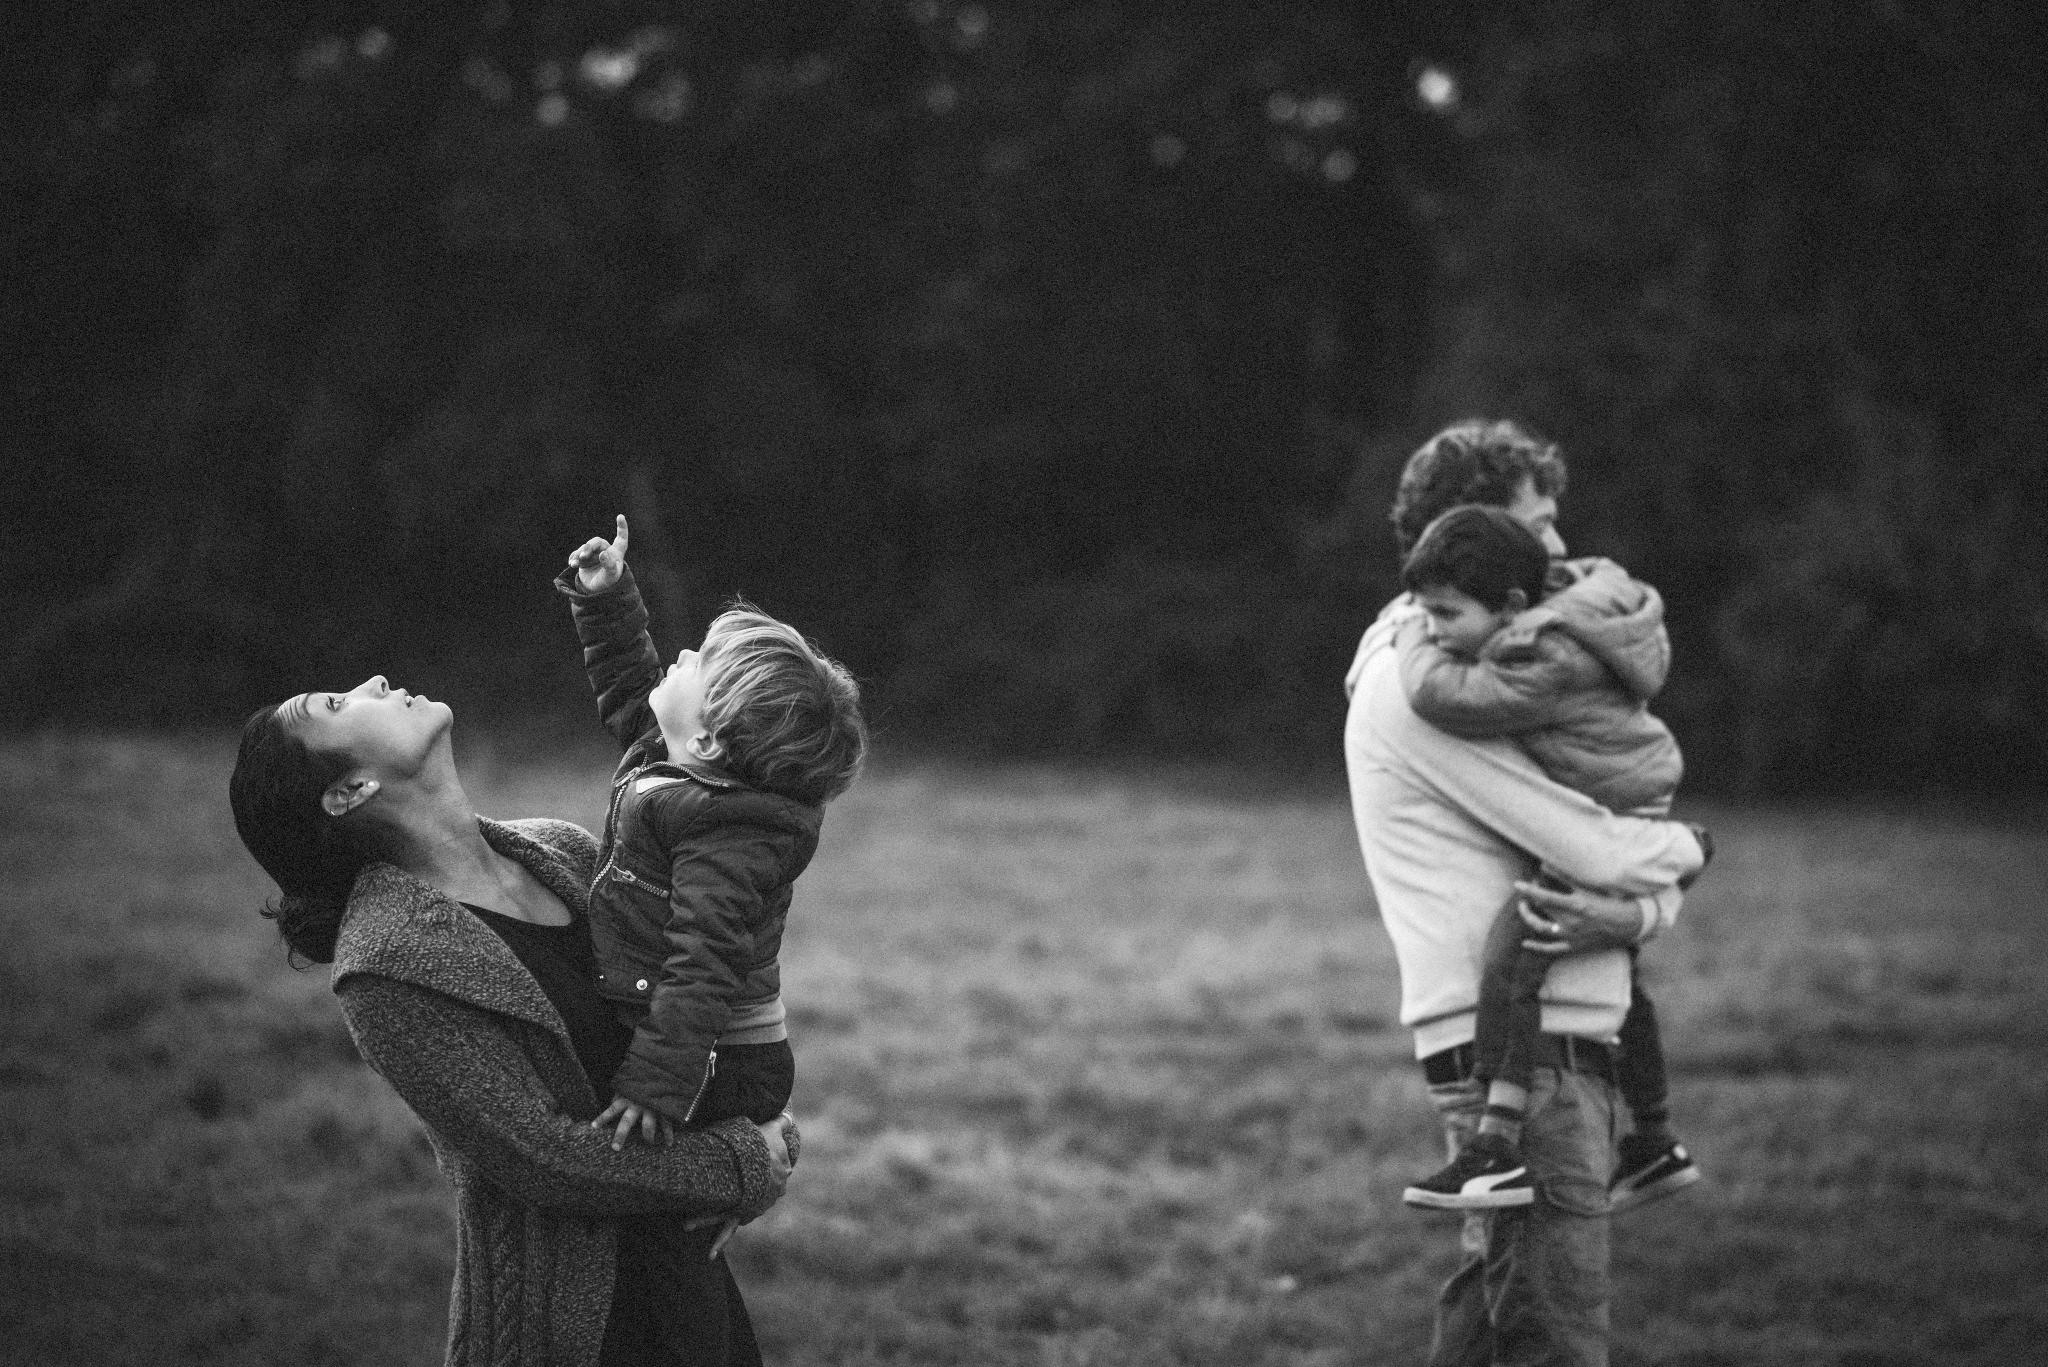 Een familie loopt tijdens een familie fotoshoot over een mooi landschap